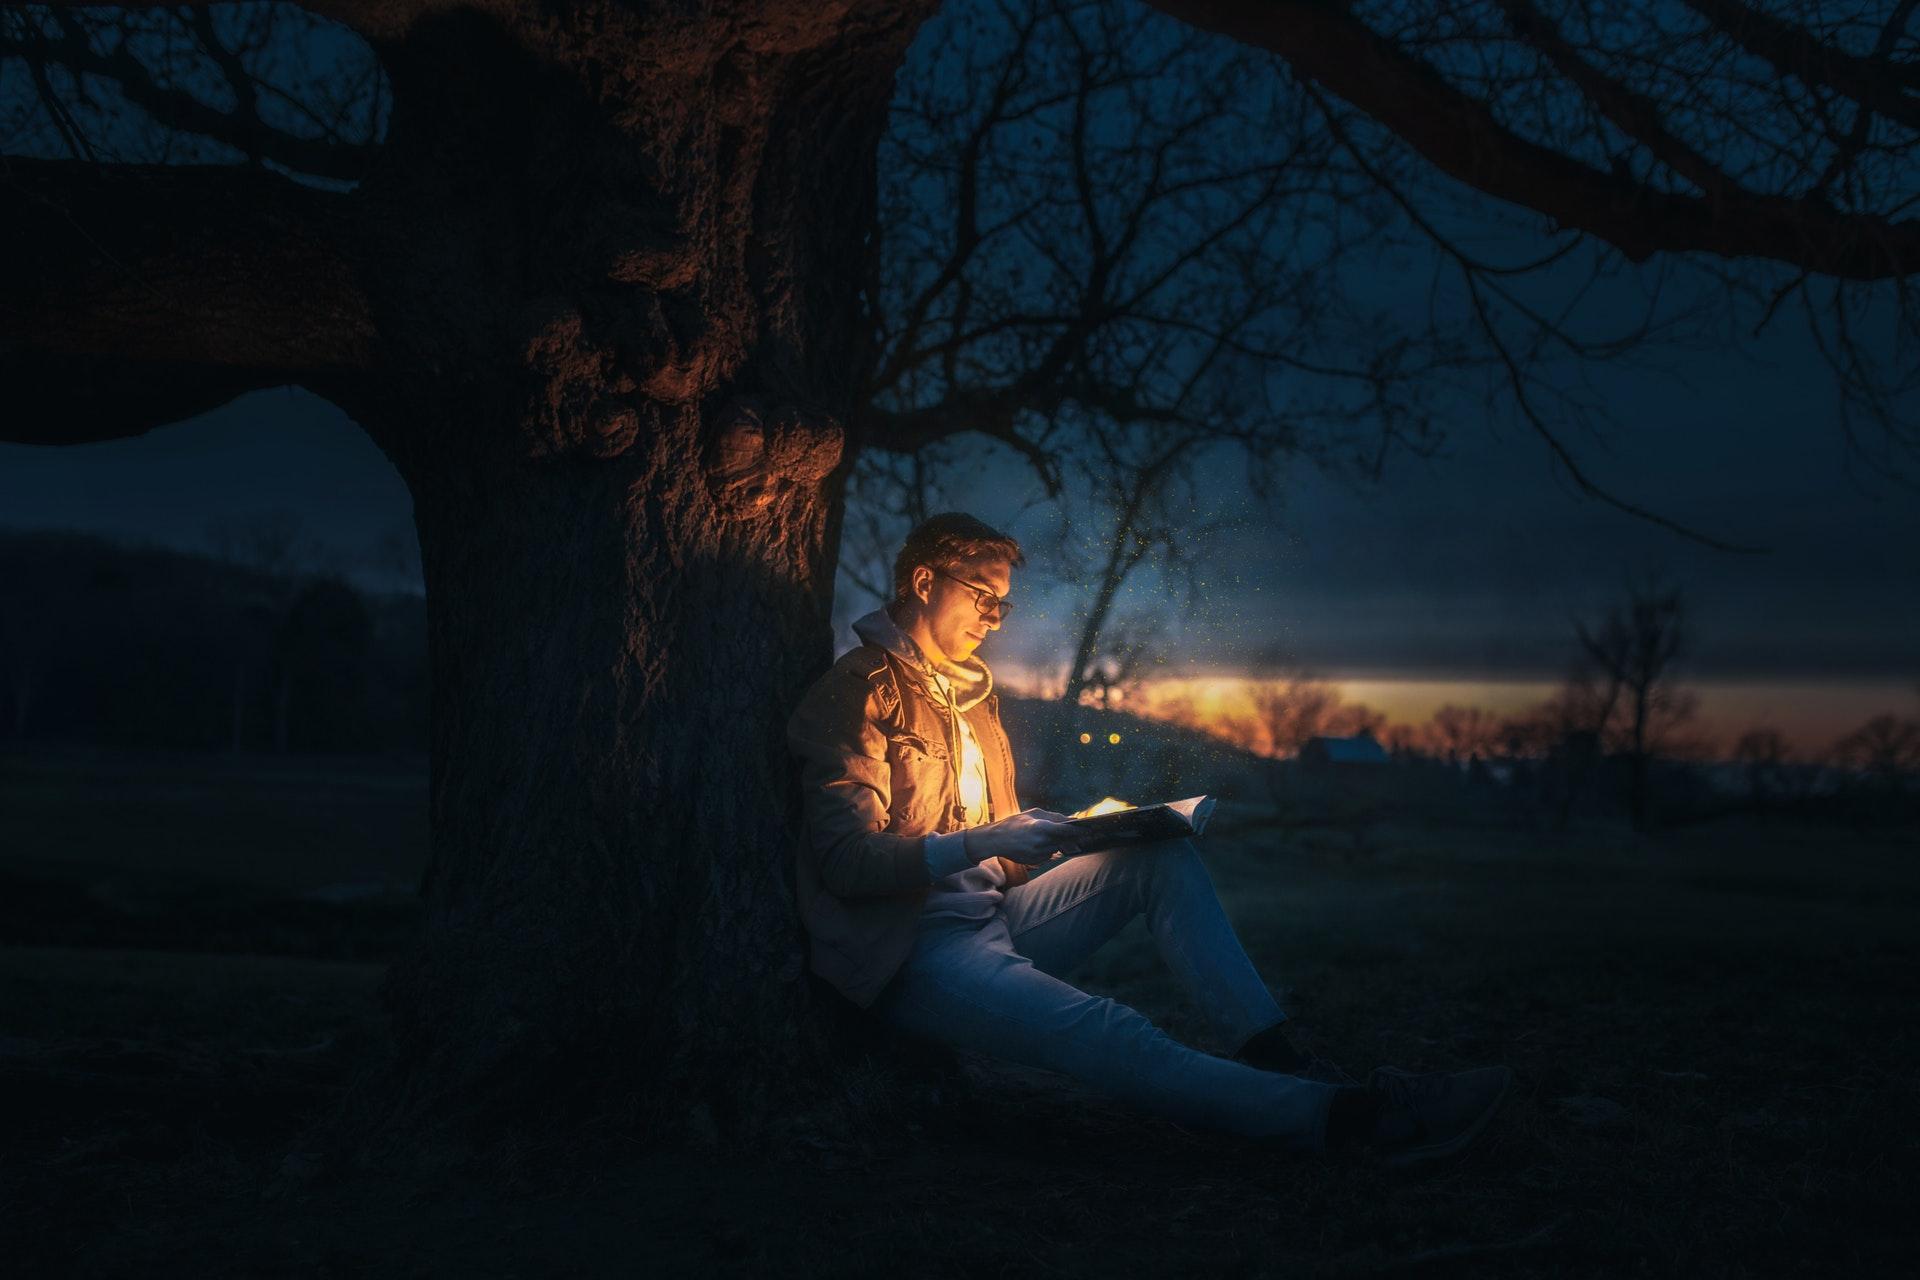 Man reads book under tree.